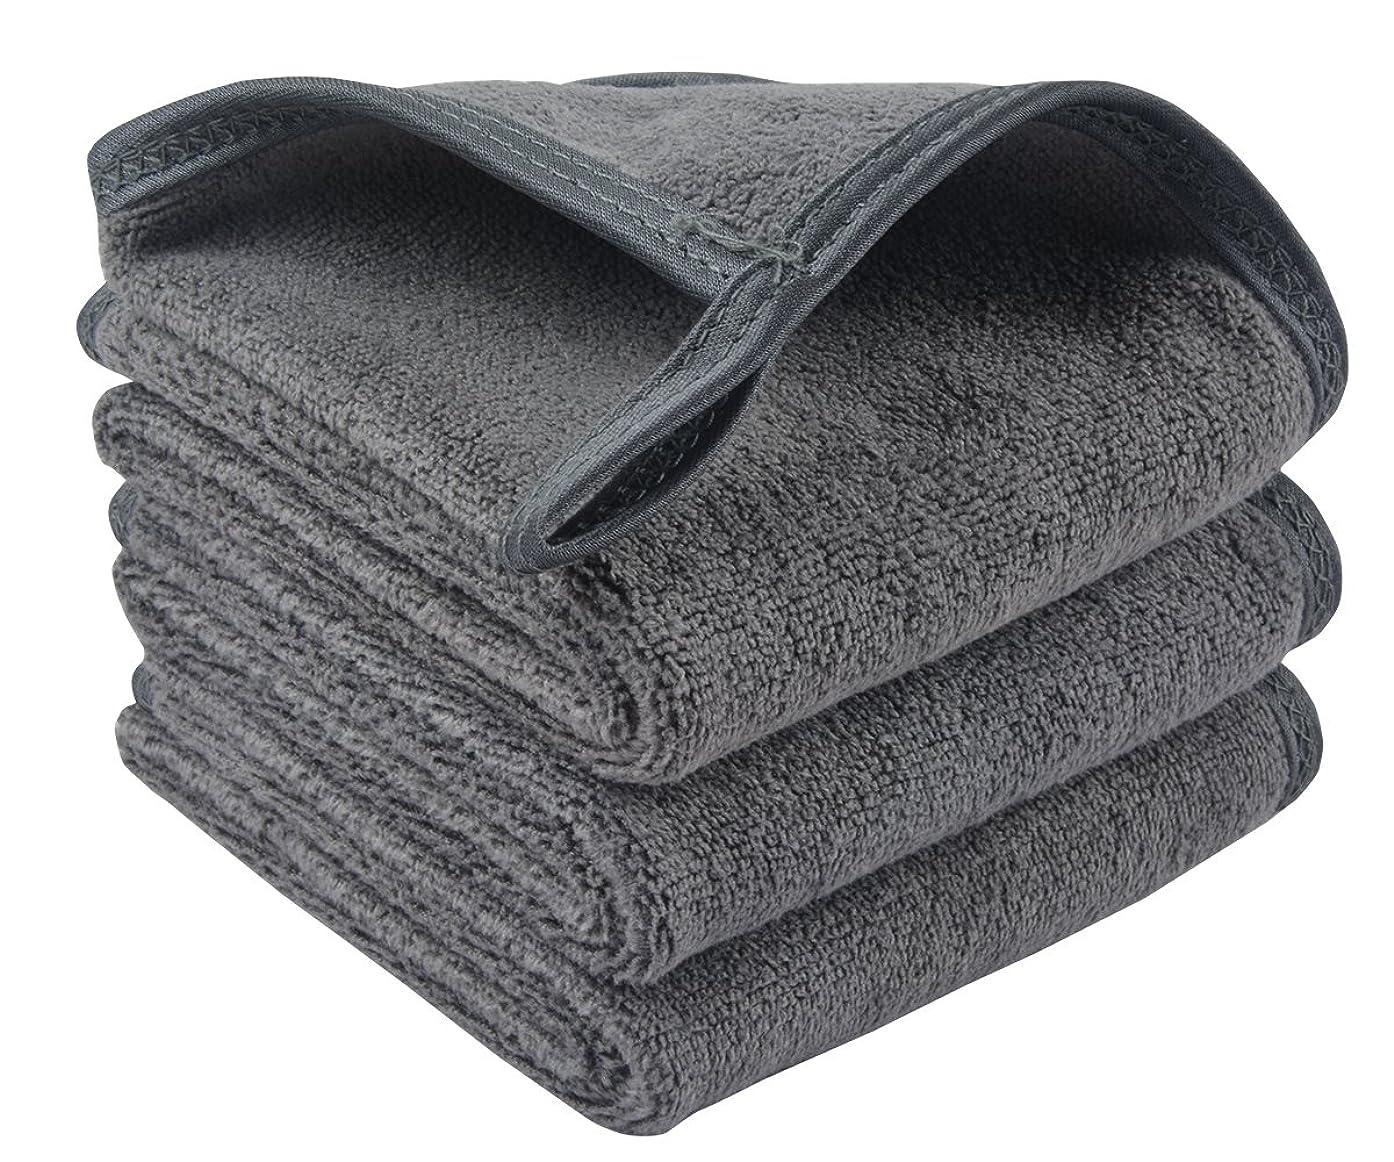 ヒギンズ間接的センターSunland メイク落としタオル 柔らかい クレンジング クロス 洗顔 タオル 20cmx40cm グレー 3枚